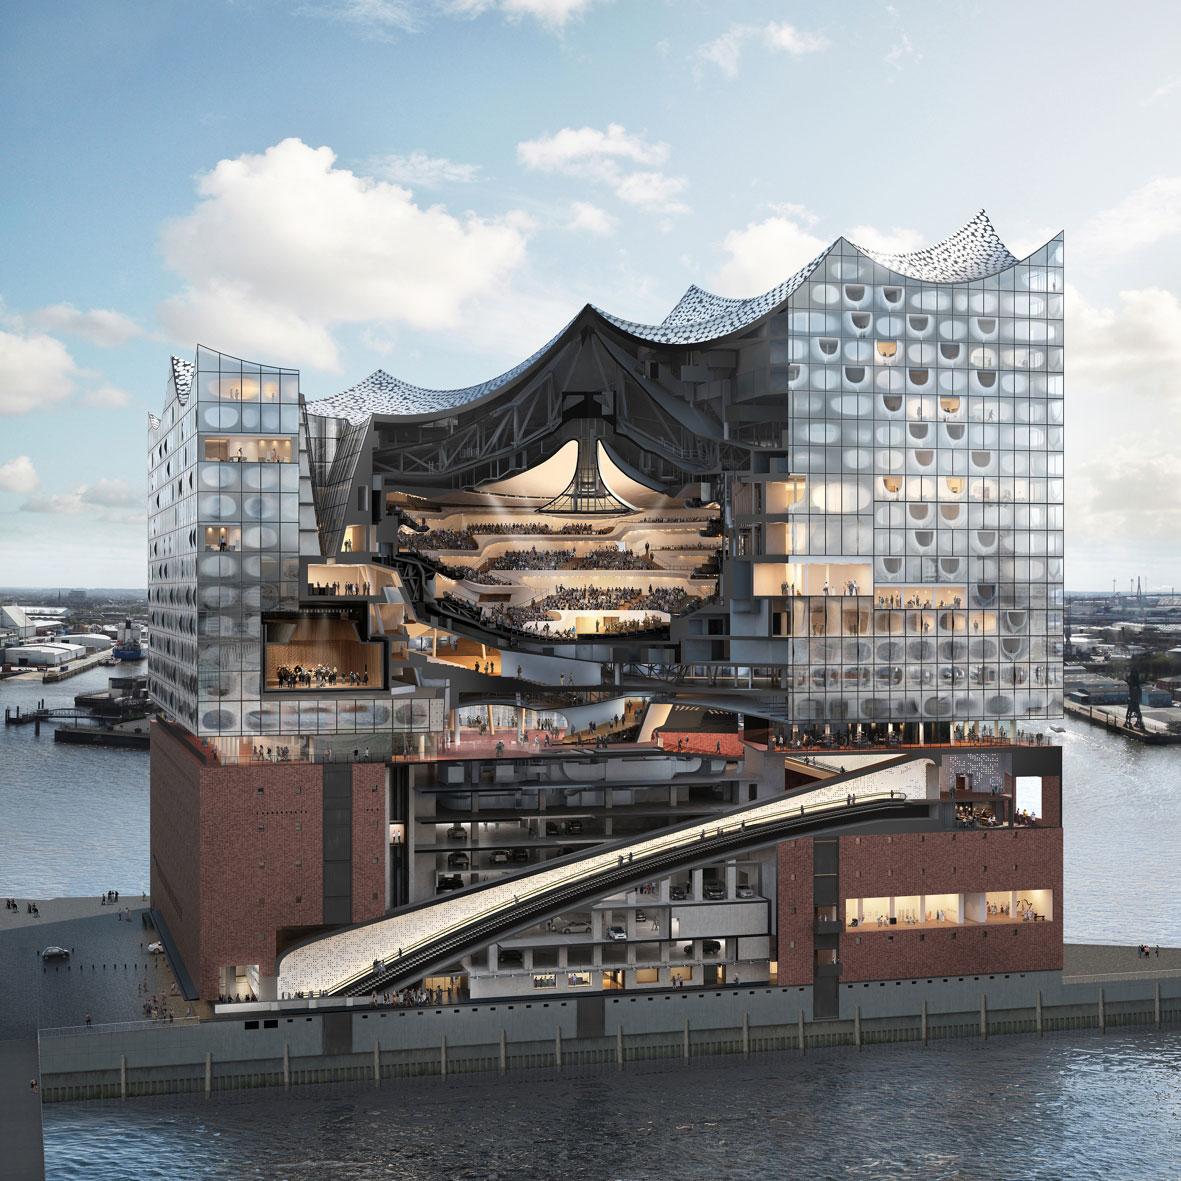 Przekrój Filharmonii nad Łabą pokazuje skomplikowaną konstrukcję tego wielofunkcyjnego budynku. Zapewnienie higieny wody użytkowej i energooszczędnego ogrzewania we wszystkich częściach obiektu było prawdziwym wyzwaniem dla projektantów i wykonawców instalacji. (Zdjęcie: Querschnittsgrafik Elbphilharmonie © Herzog & de Meuron / bloomimages)